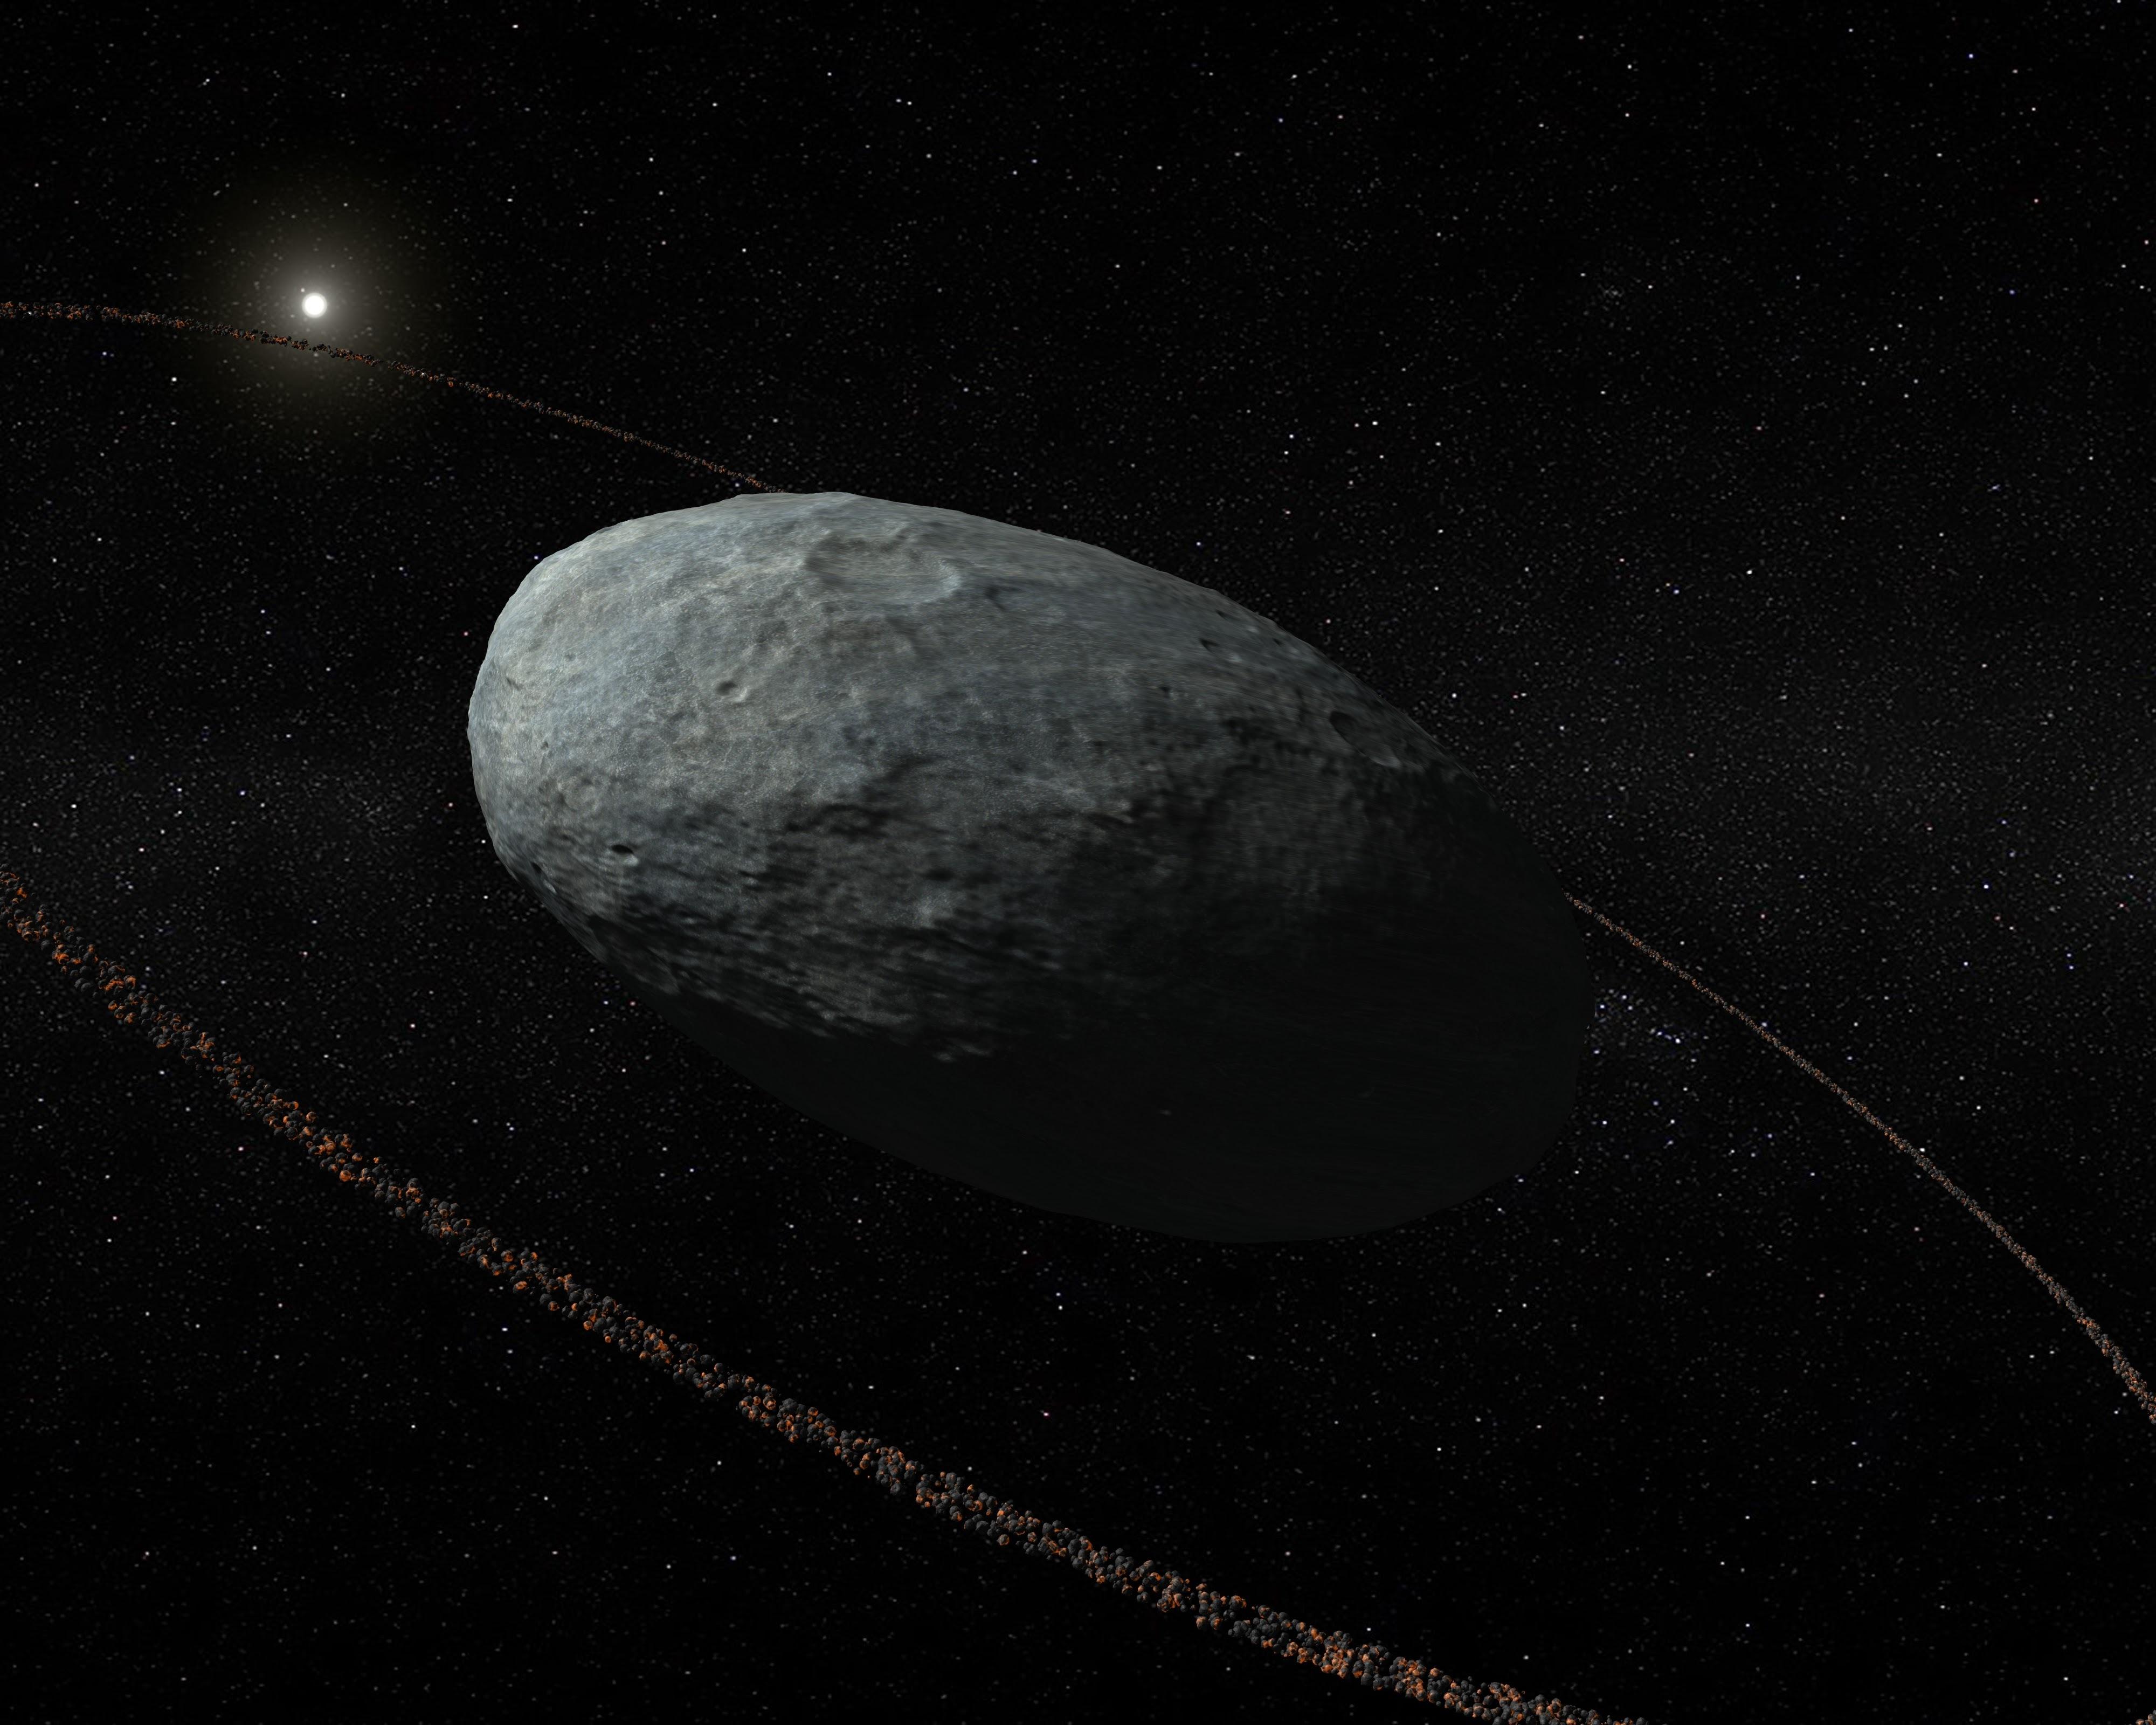 shoemaker near earth object grant program the planetary society